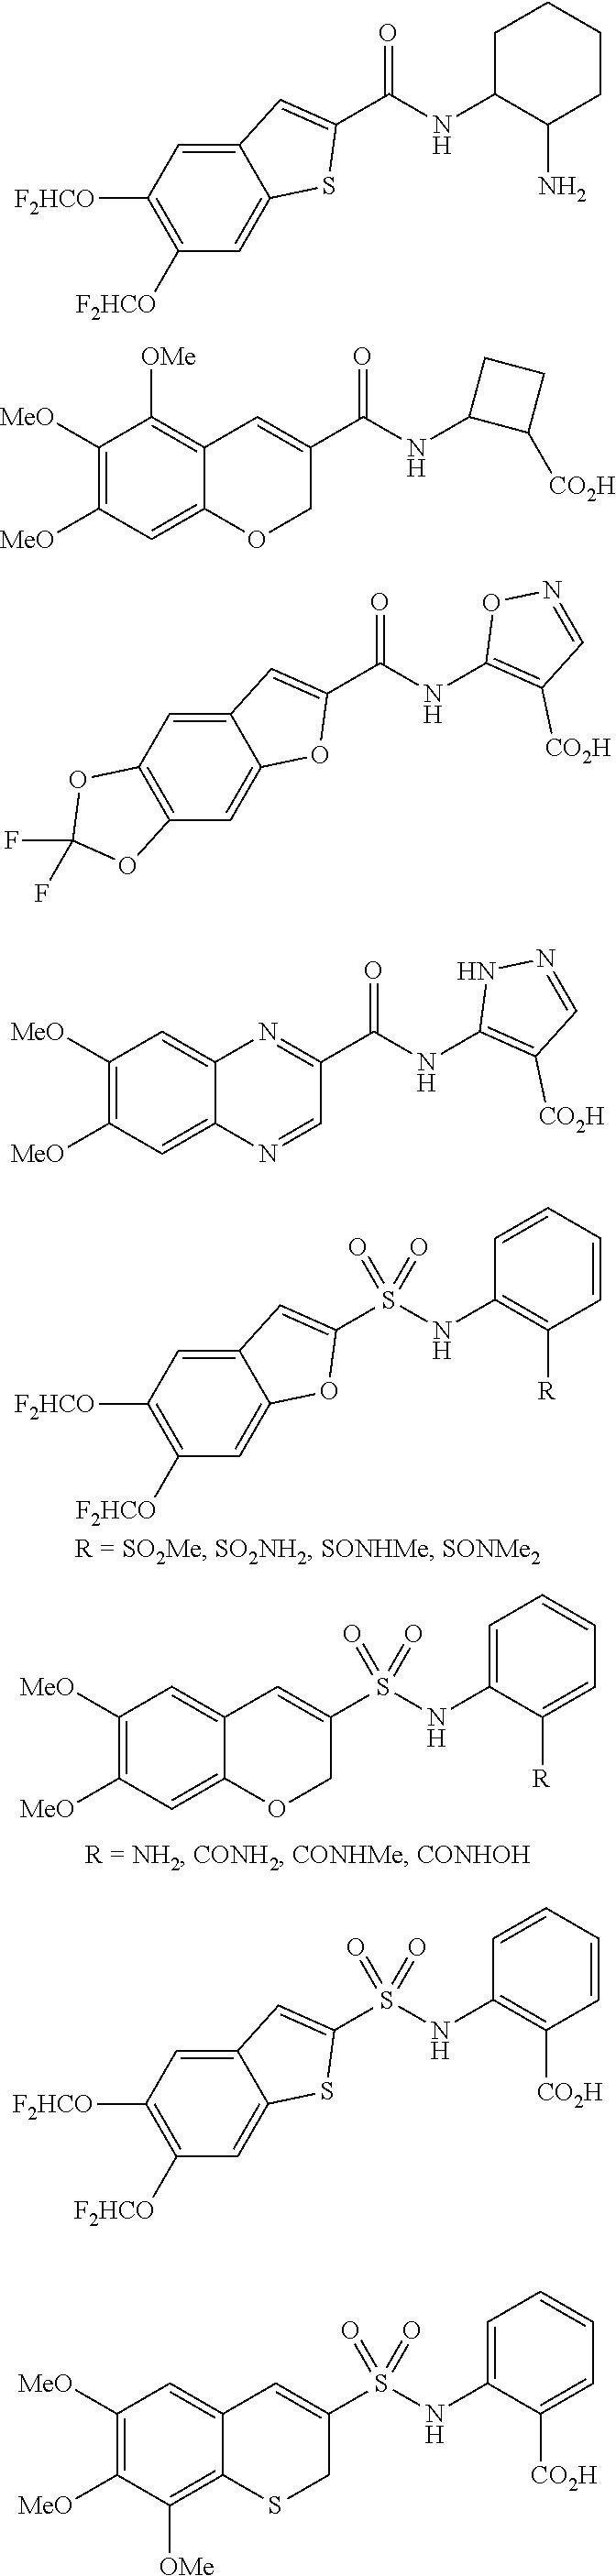 Figure US09951087-20180424-C00142